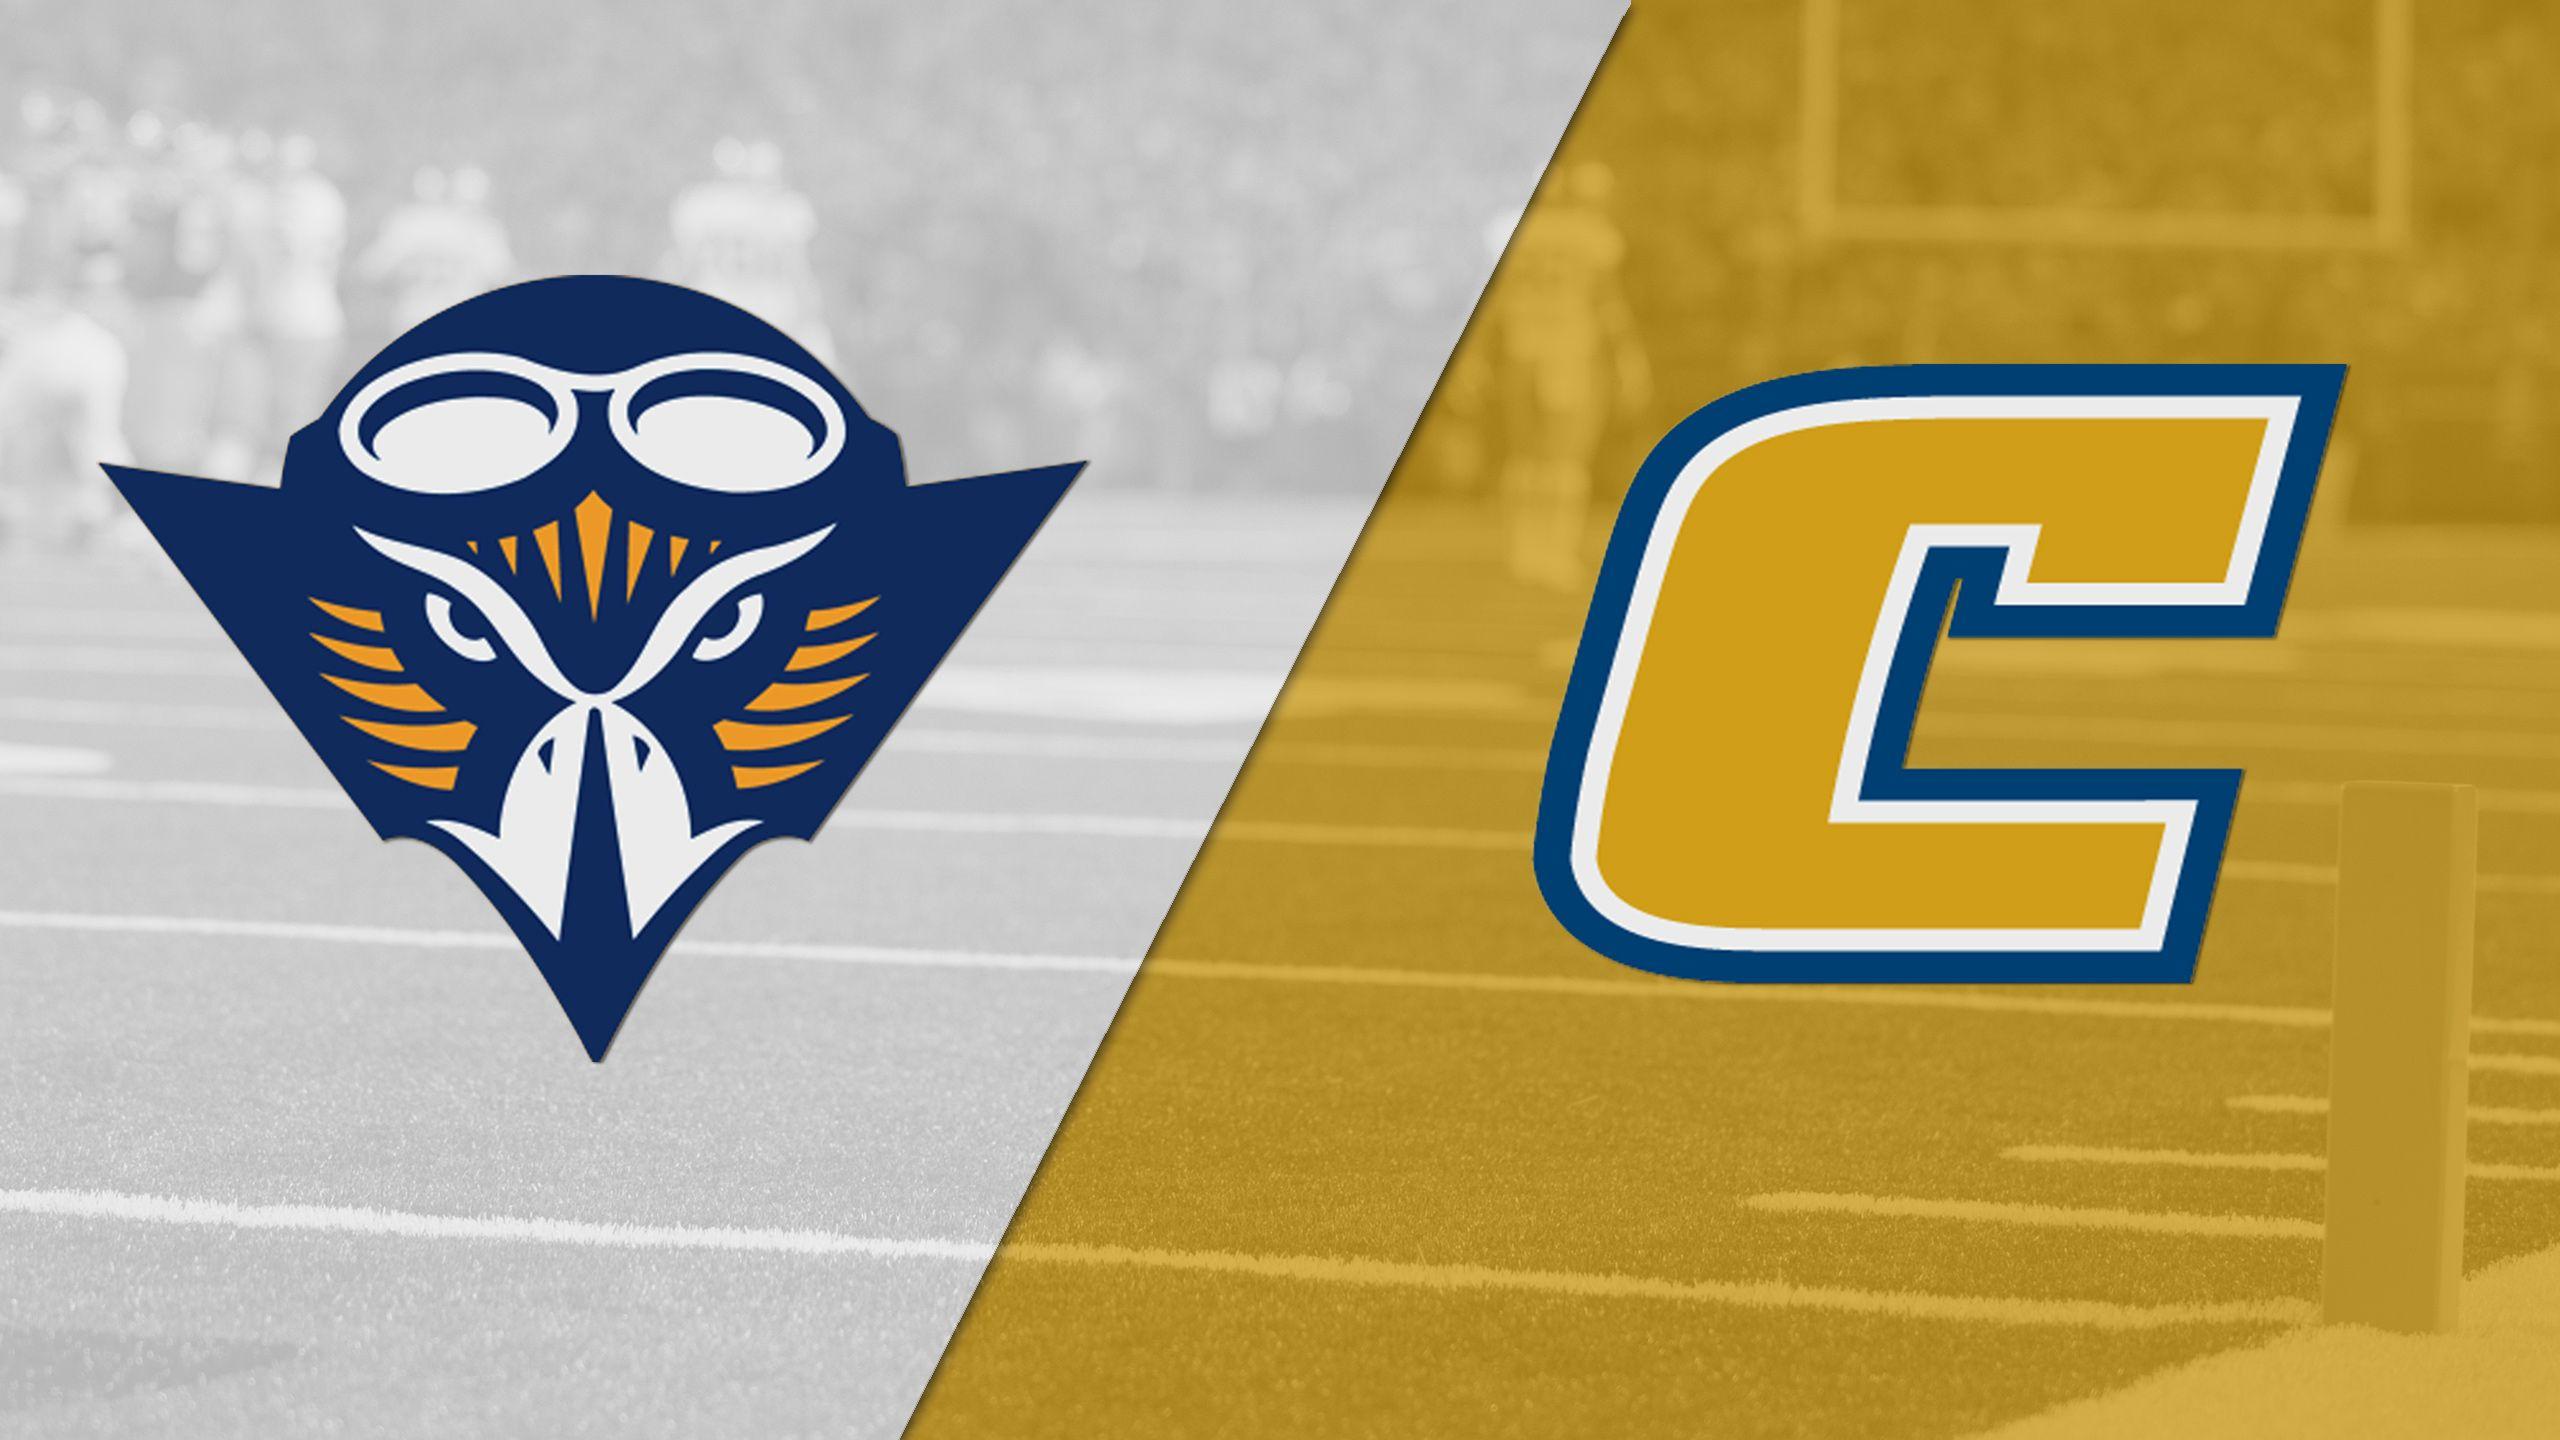 UT Martin vs. Chattanooga (Football)